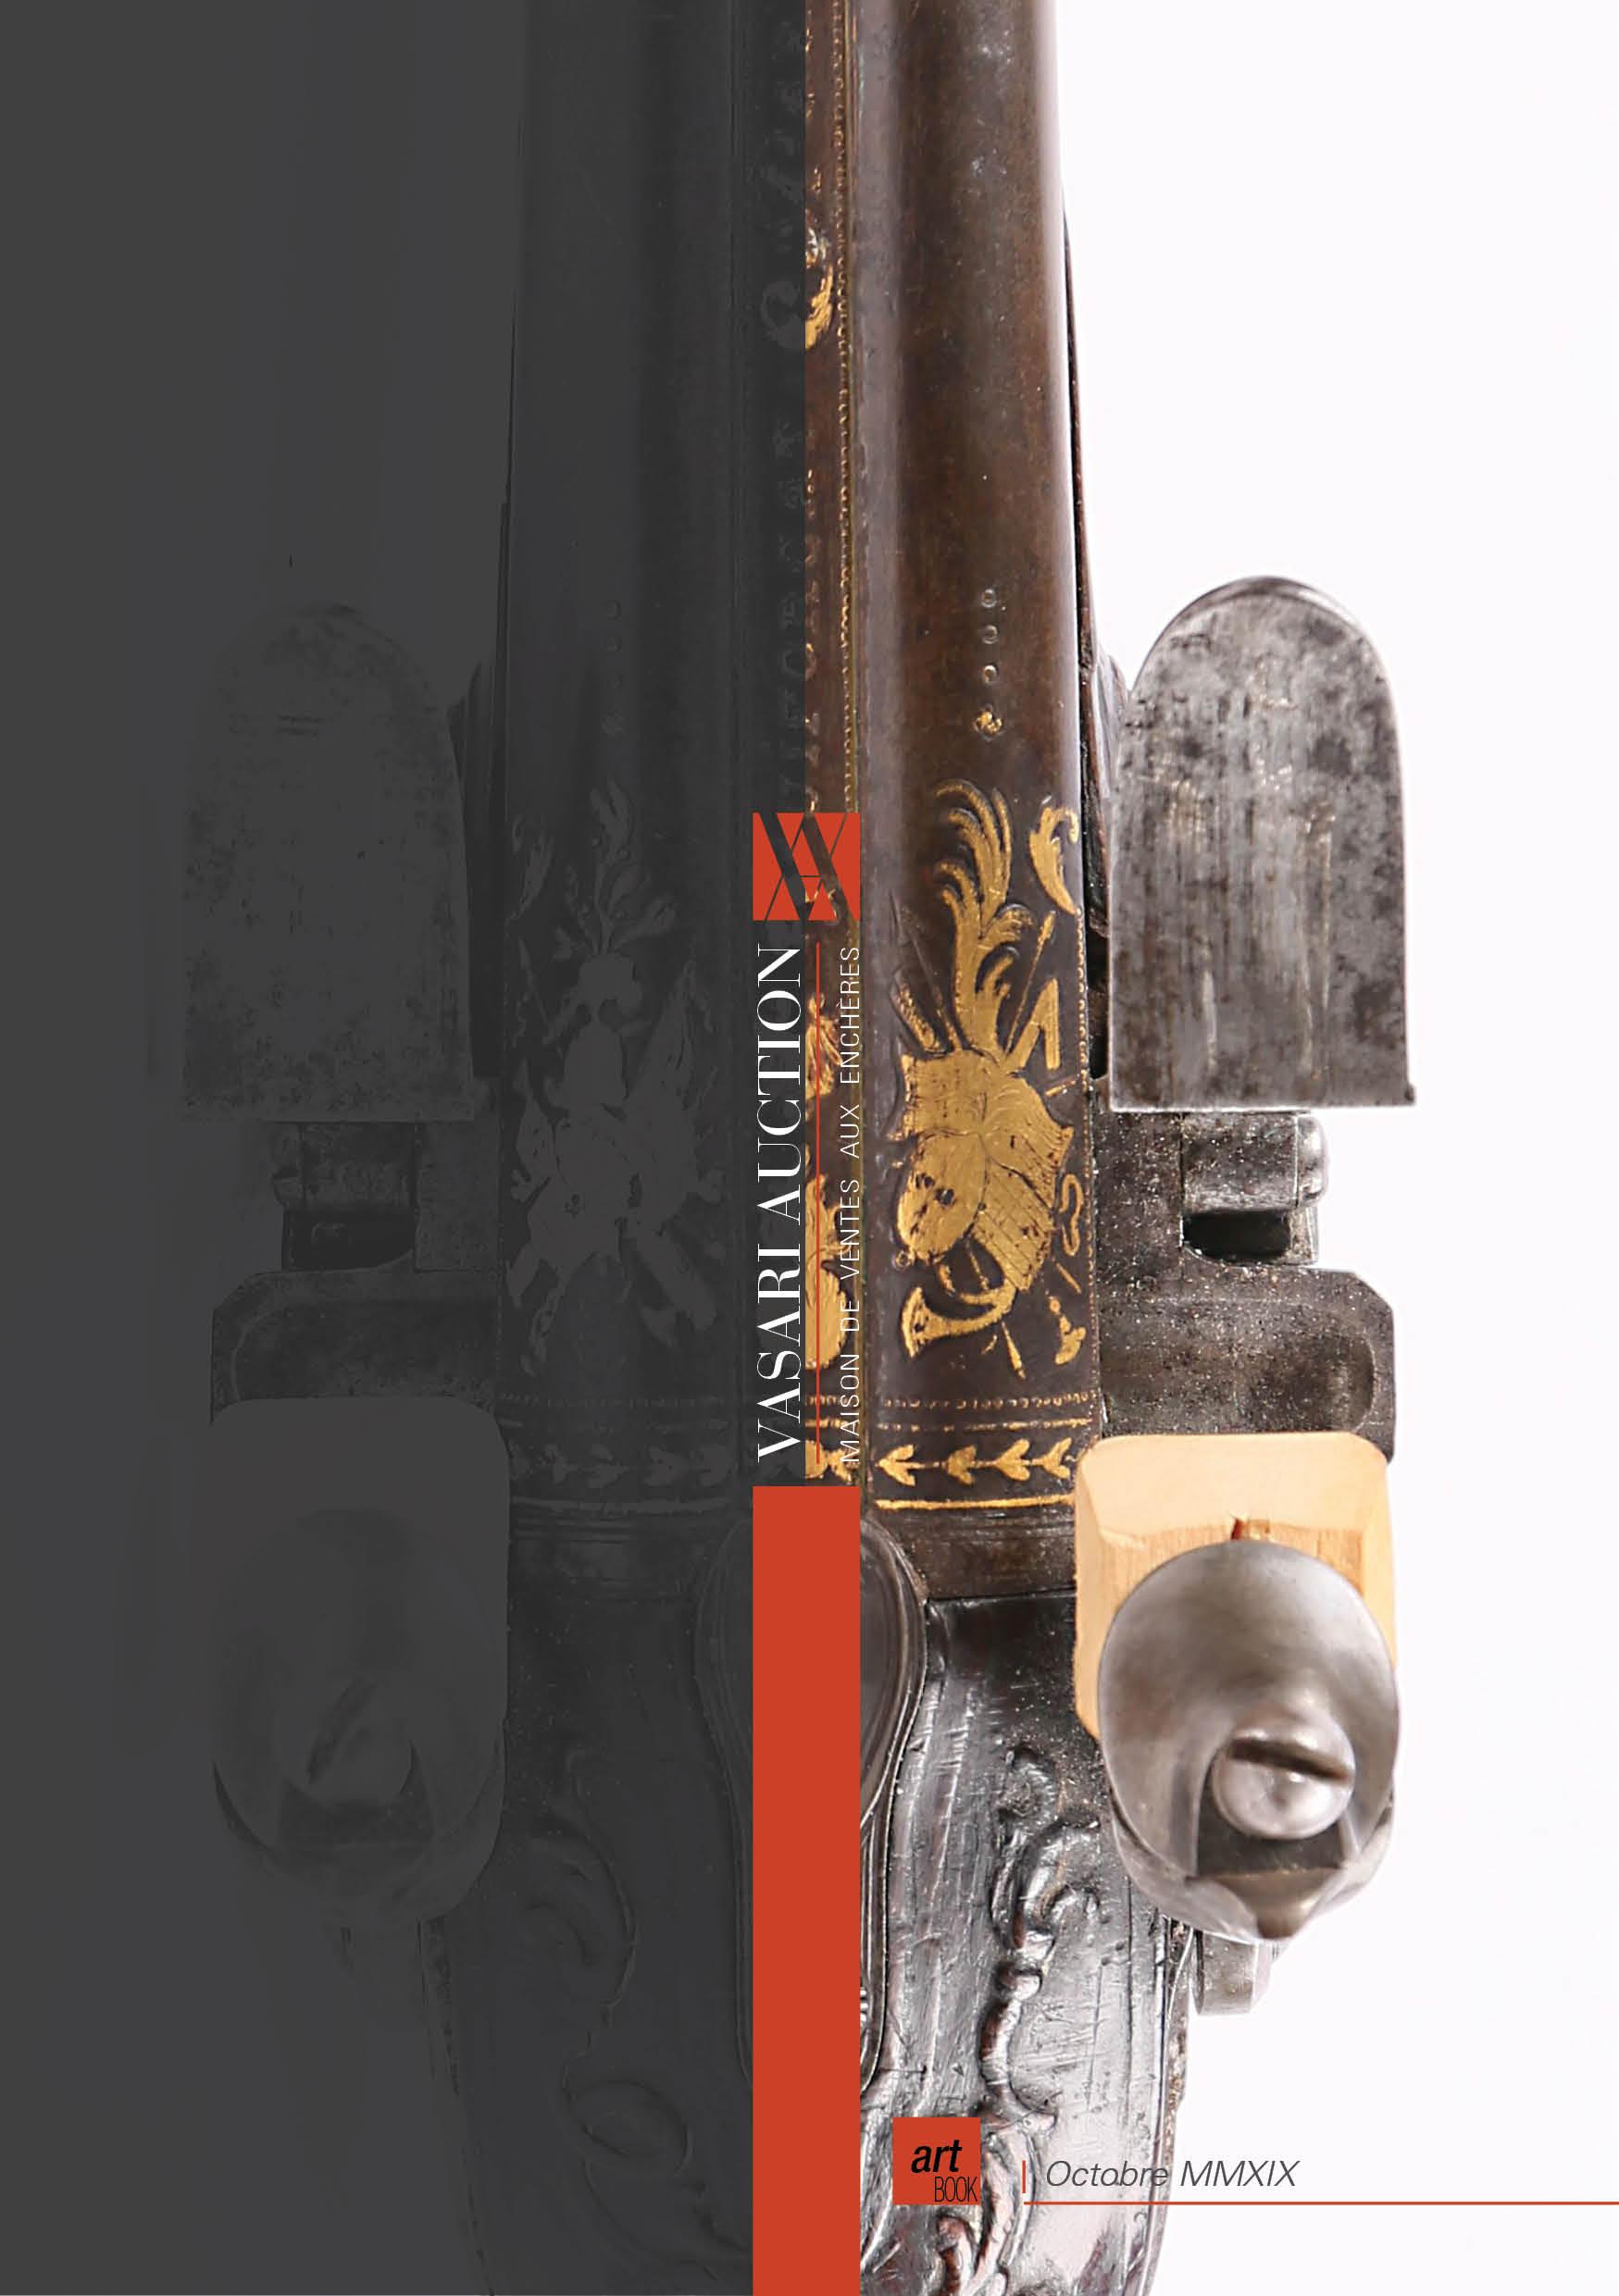 Vente Armes, Militaria et Souvenirs historiques by Vasari Auction chez Vasari Auction : 182 lots